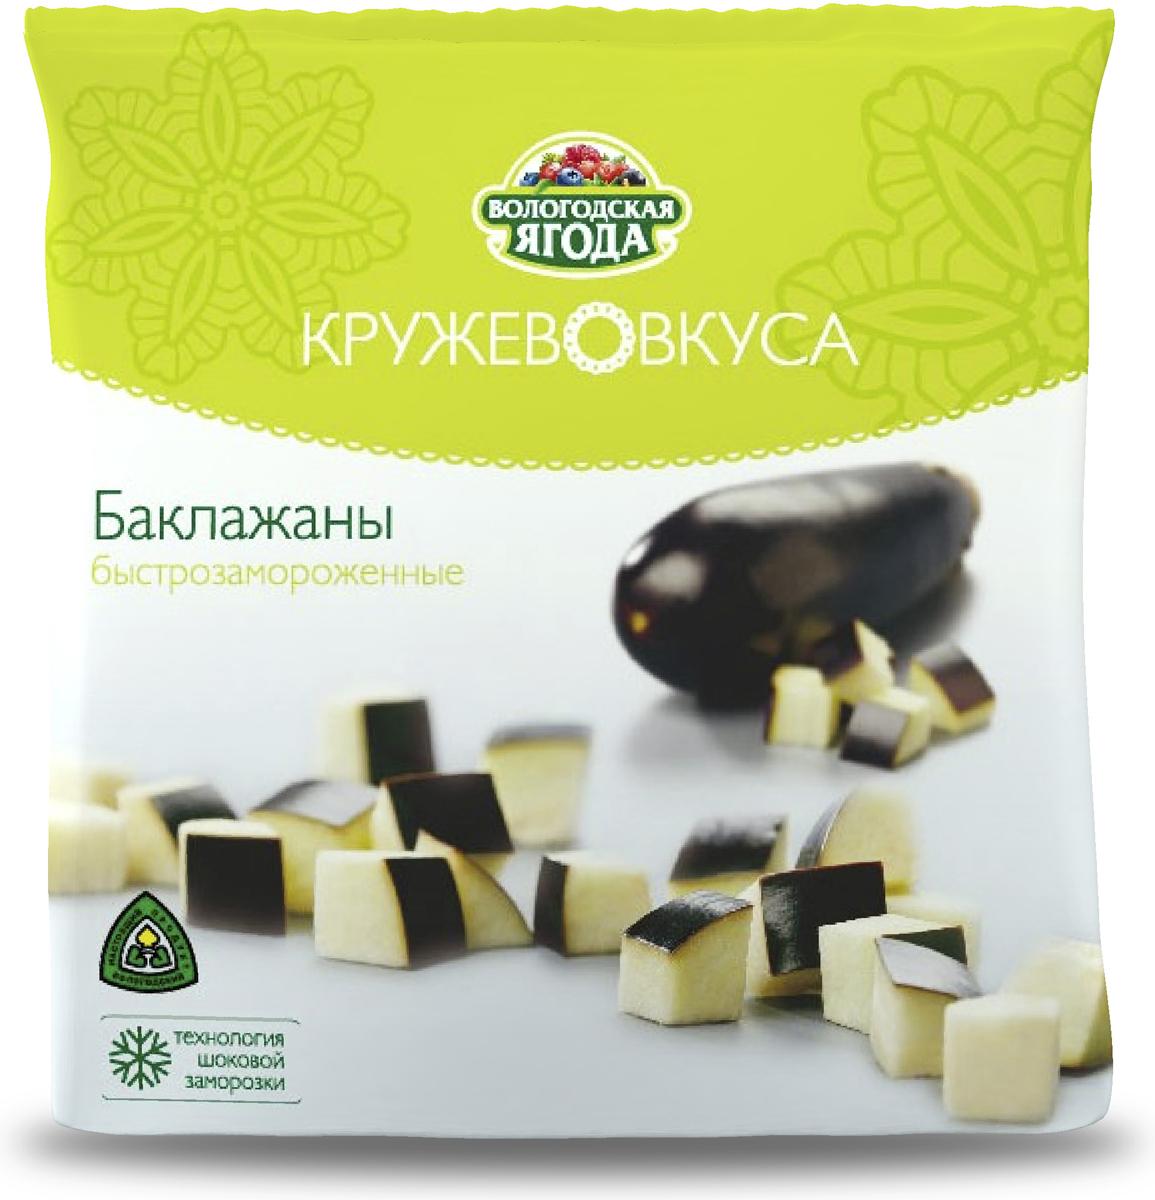 Кружево Вкуса Баклажаны резаные, 400 гУТ000000132Баклажаны ценятся тем, что в них содержатся все необходимые человеческому организму микроэлементы.Традиционные овощные рагу, баклажанная икра, запечённые овощи, мусака, жаркое с мясом– эти и многие другие блюда вы сможете приготовить с помощью продукции баклажаны резаные быстрозамороженные ТМ Кружево вкуса.